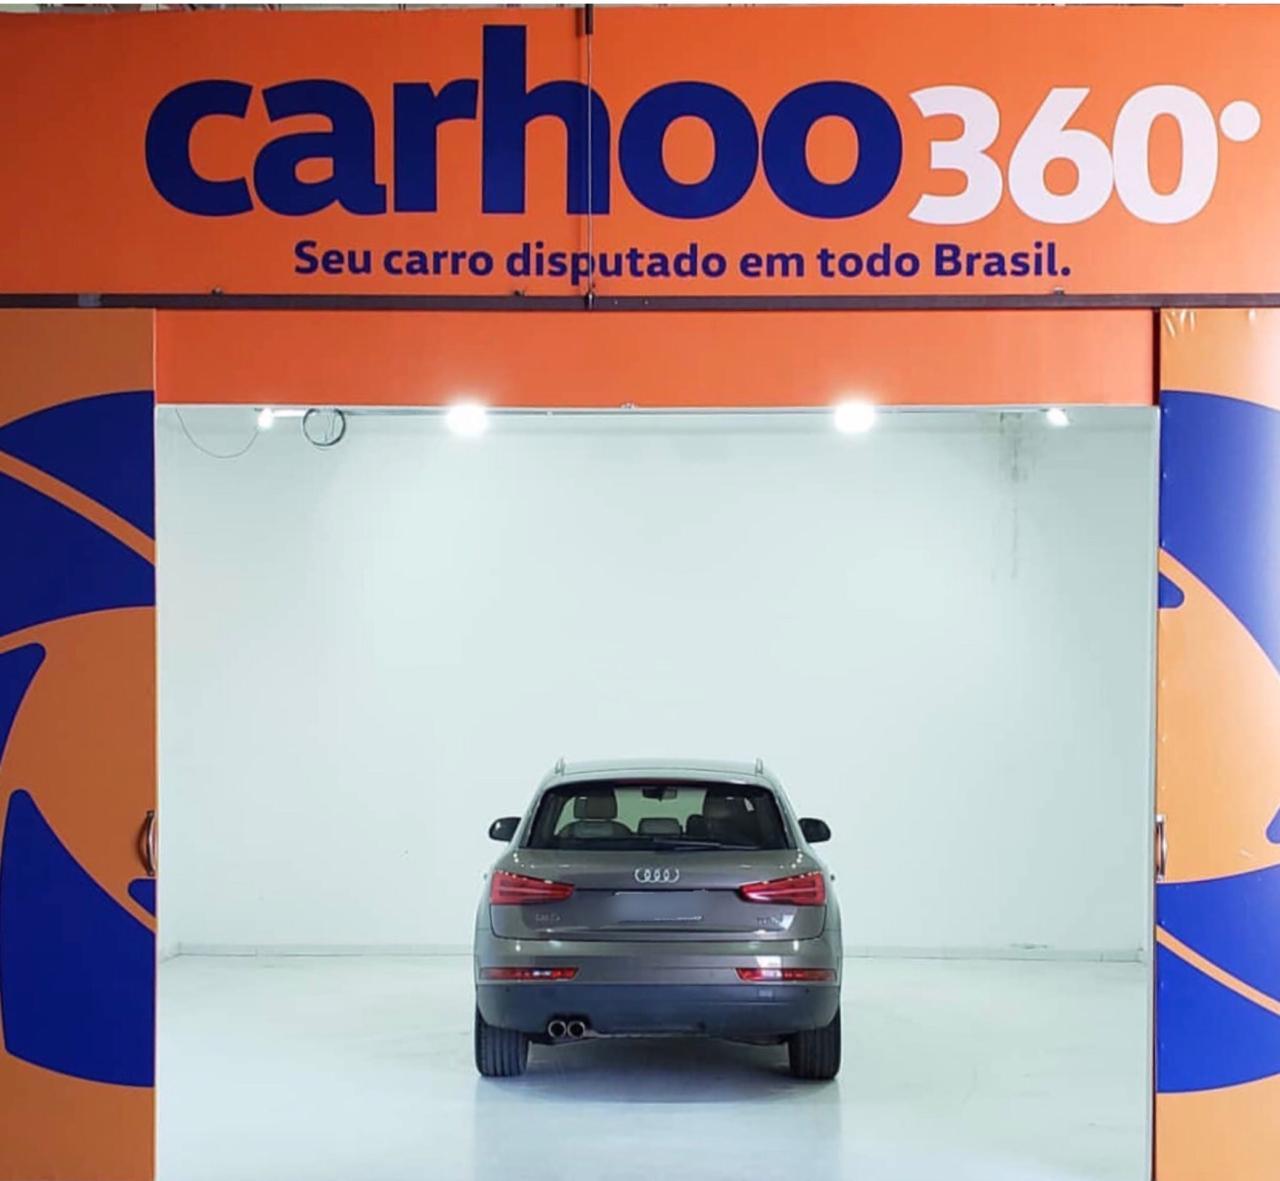 Carhoo oferece nova experiência em compras de carros - Foto: Divulgação